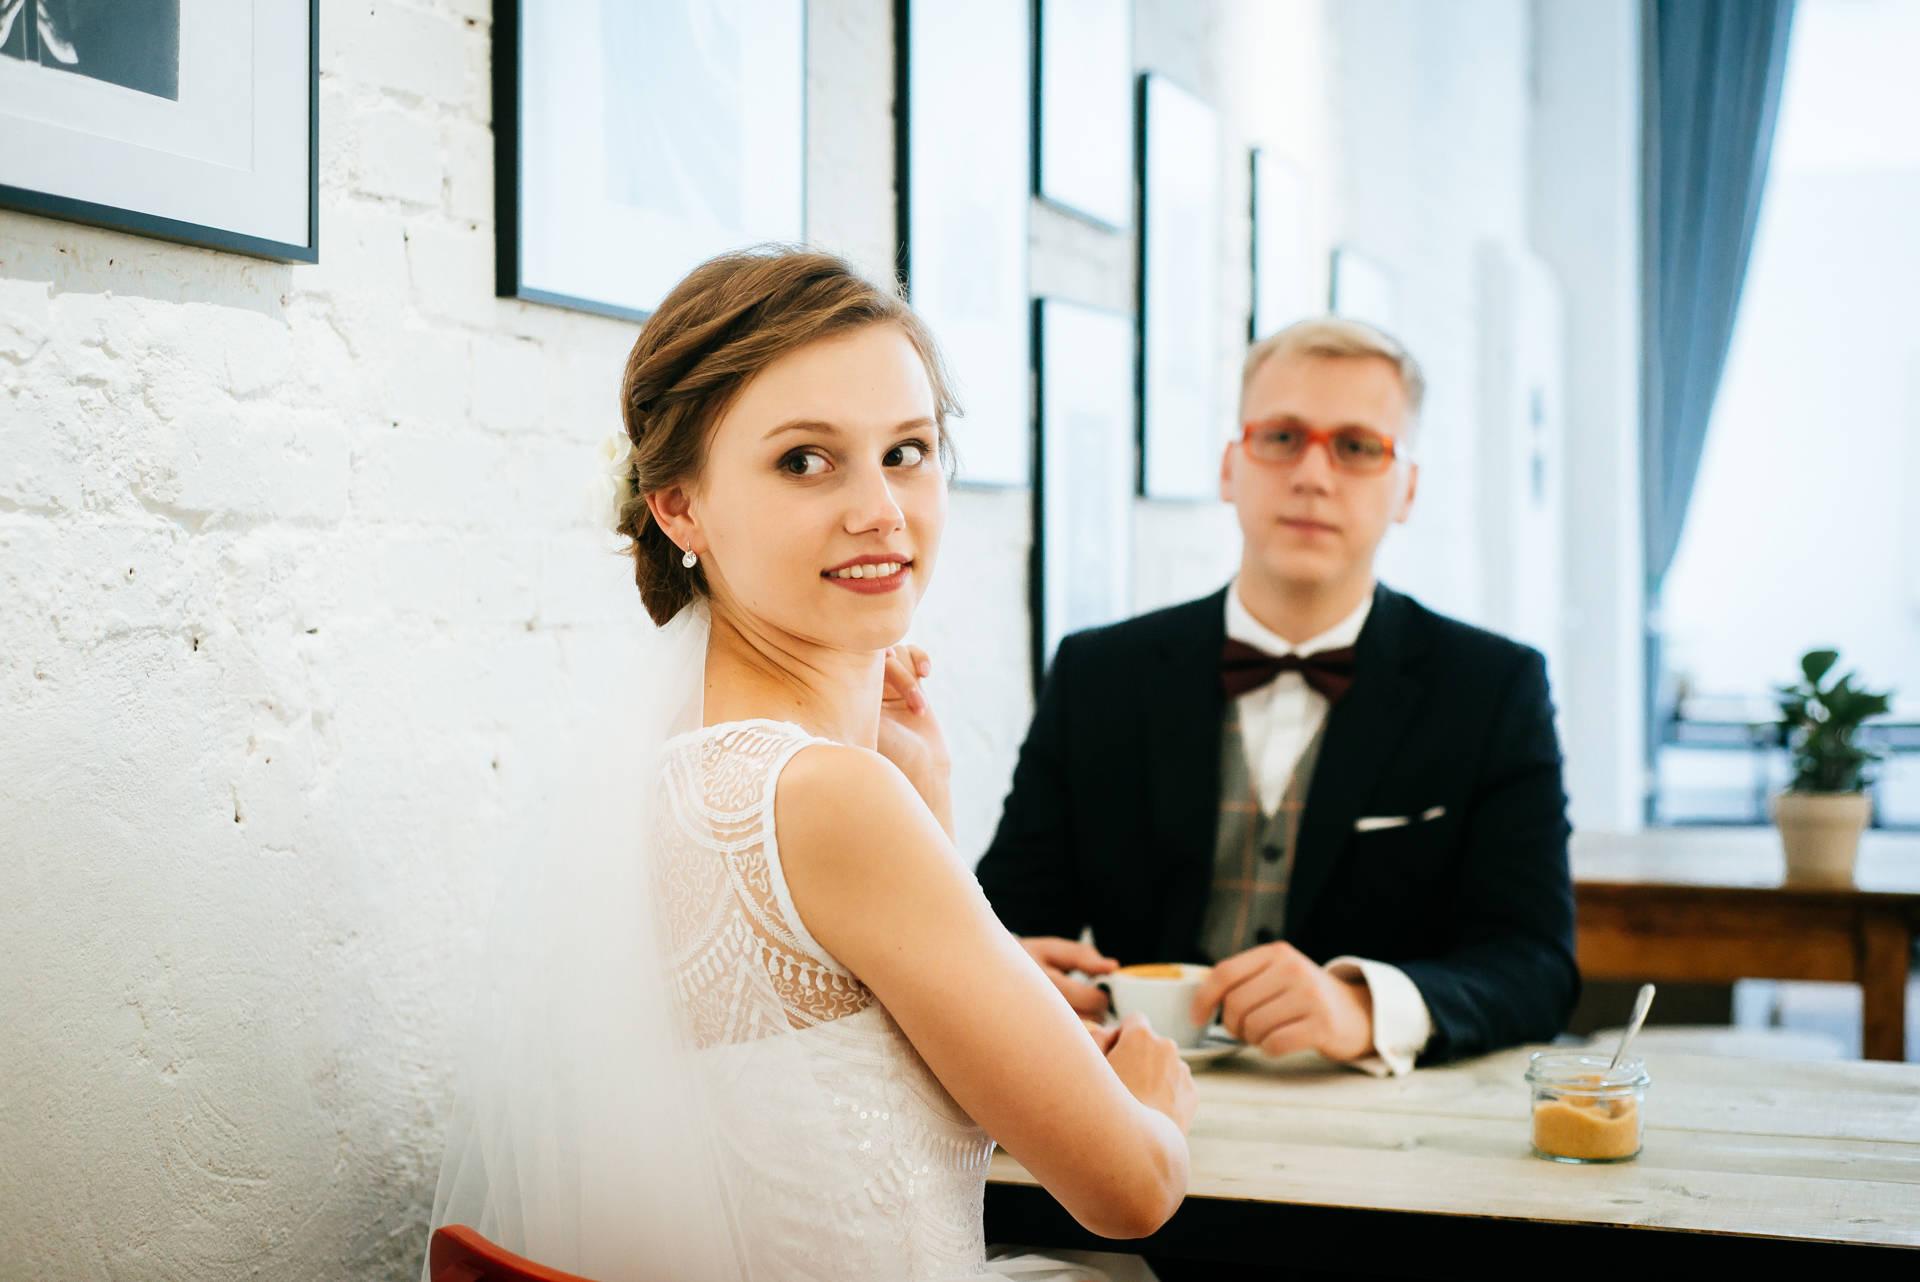 Sesja ślubna w miejskim stylu, uzupełniona o zdjęcia ślubne w kawiarni i w otoczeniu zieleni, zakończona na plaży - sesja dla Pary Młodej zrealizowana w całości w Sopocie - Fot. Rafał i Magda Nitychoruk aparatowo.pl